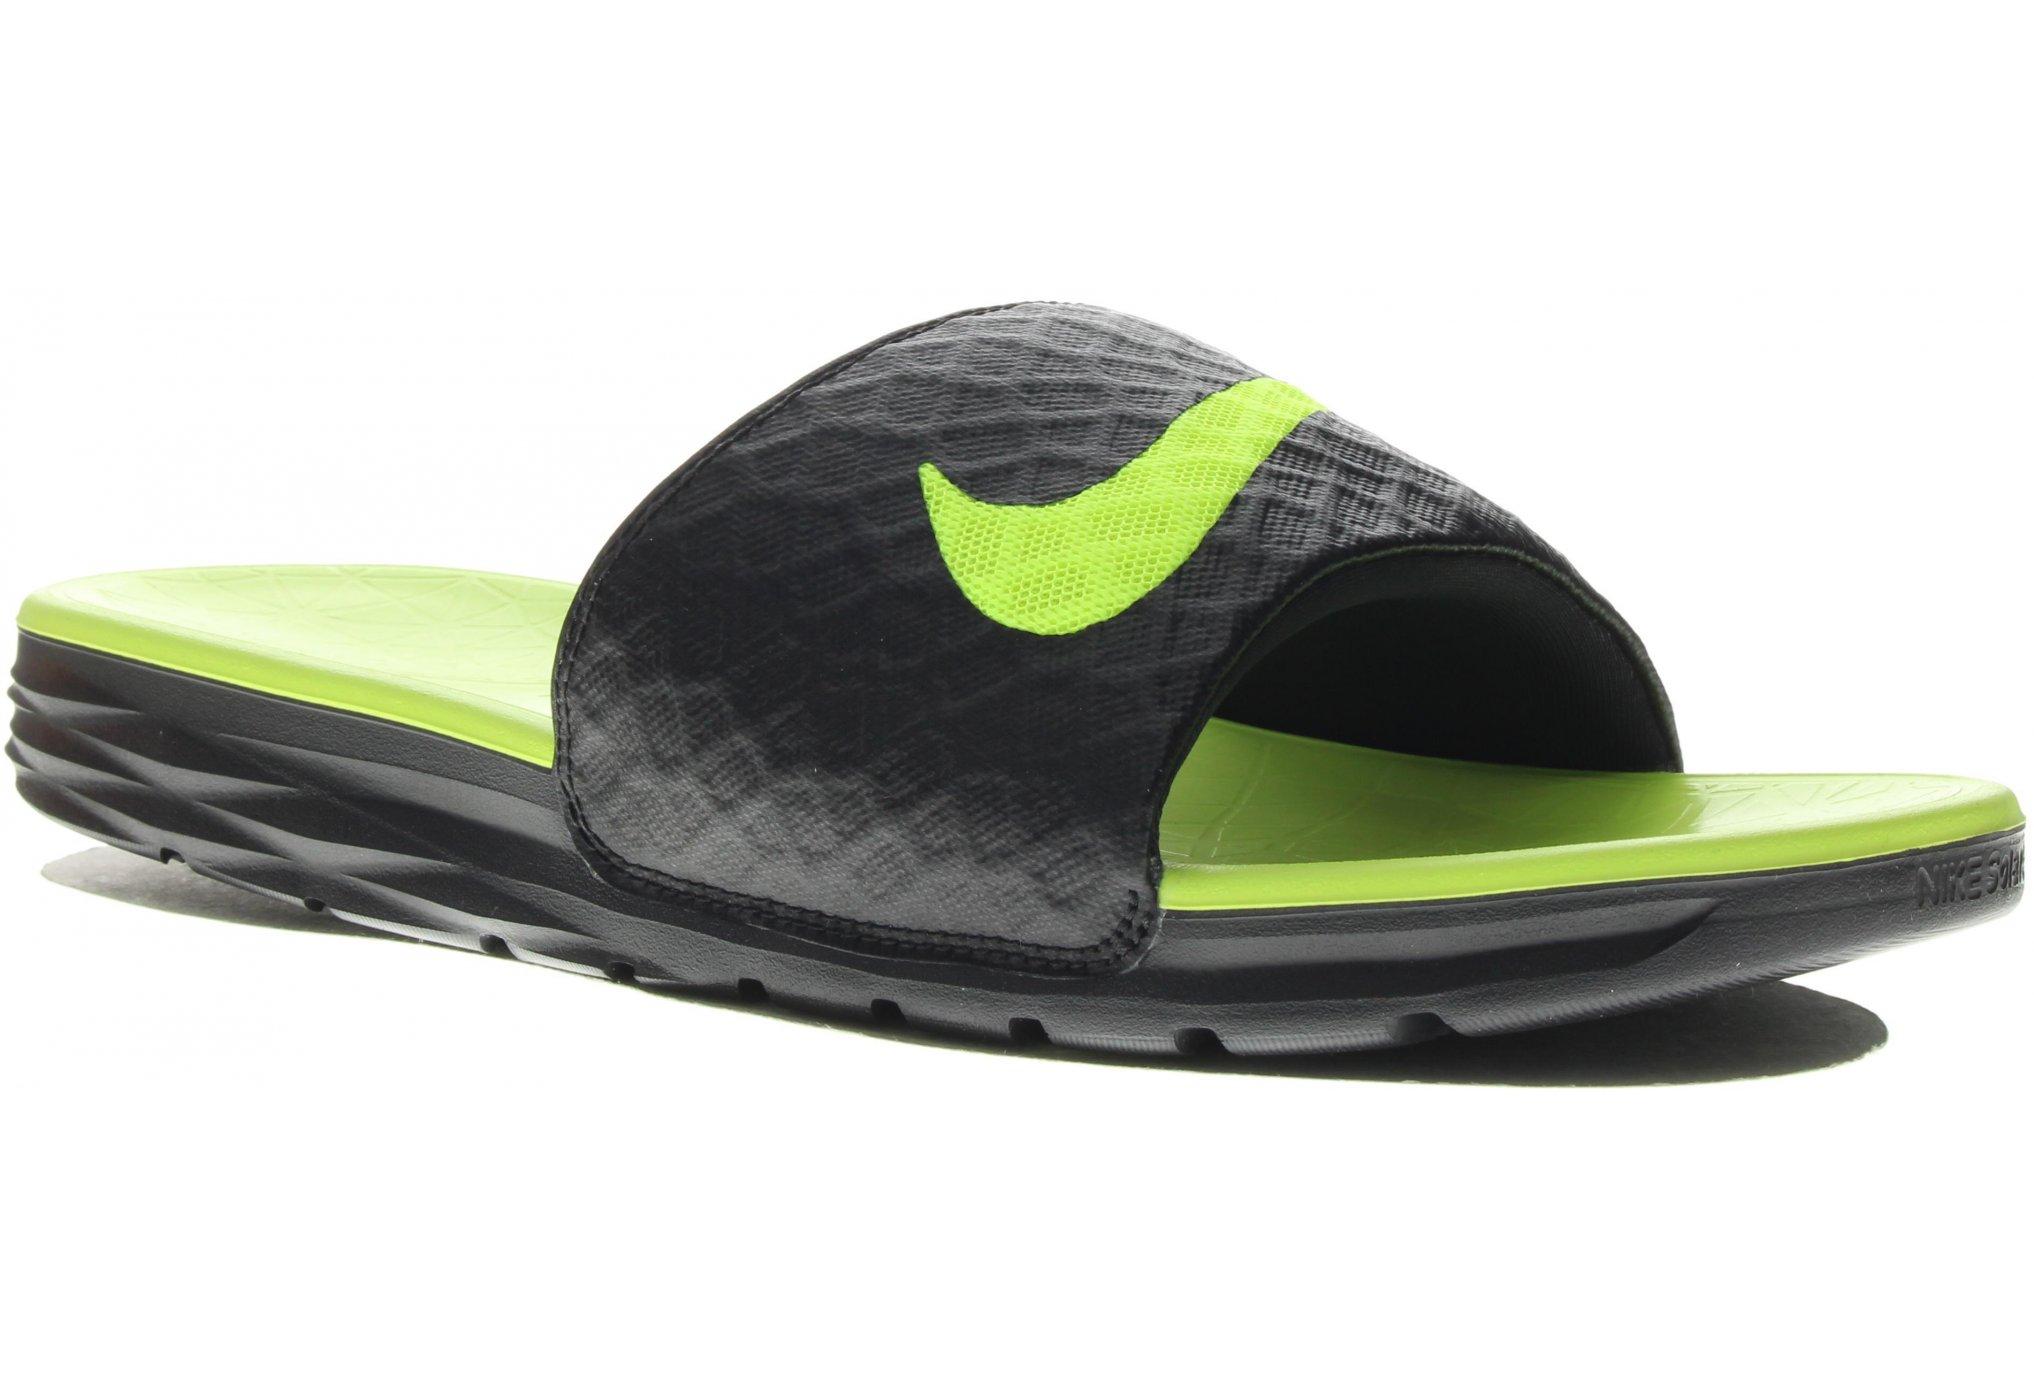 Nike Benassi Solarsoft M Diététique Chaussures homme